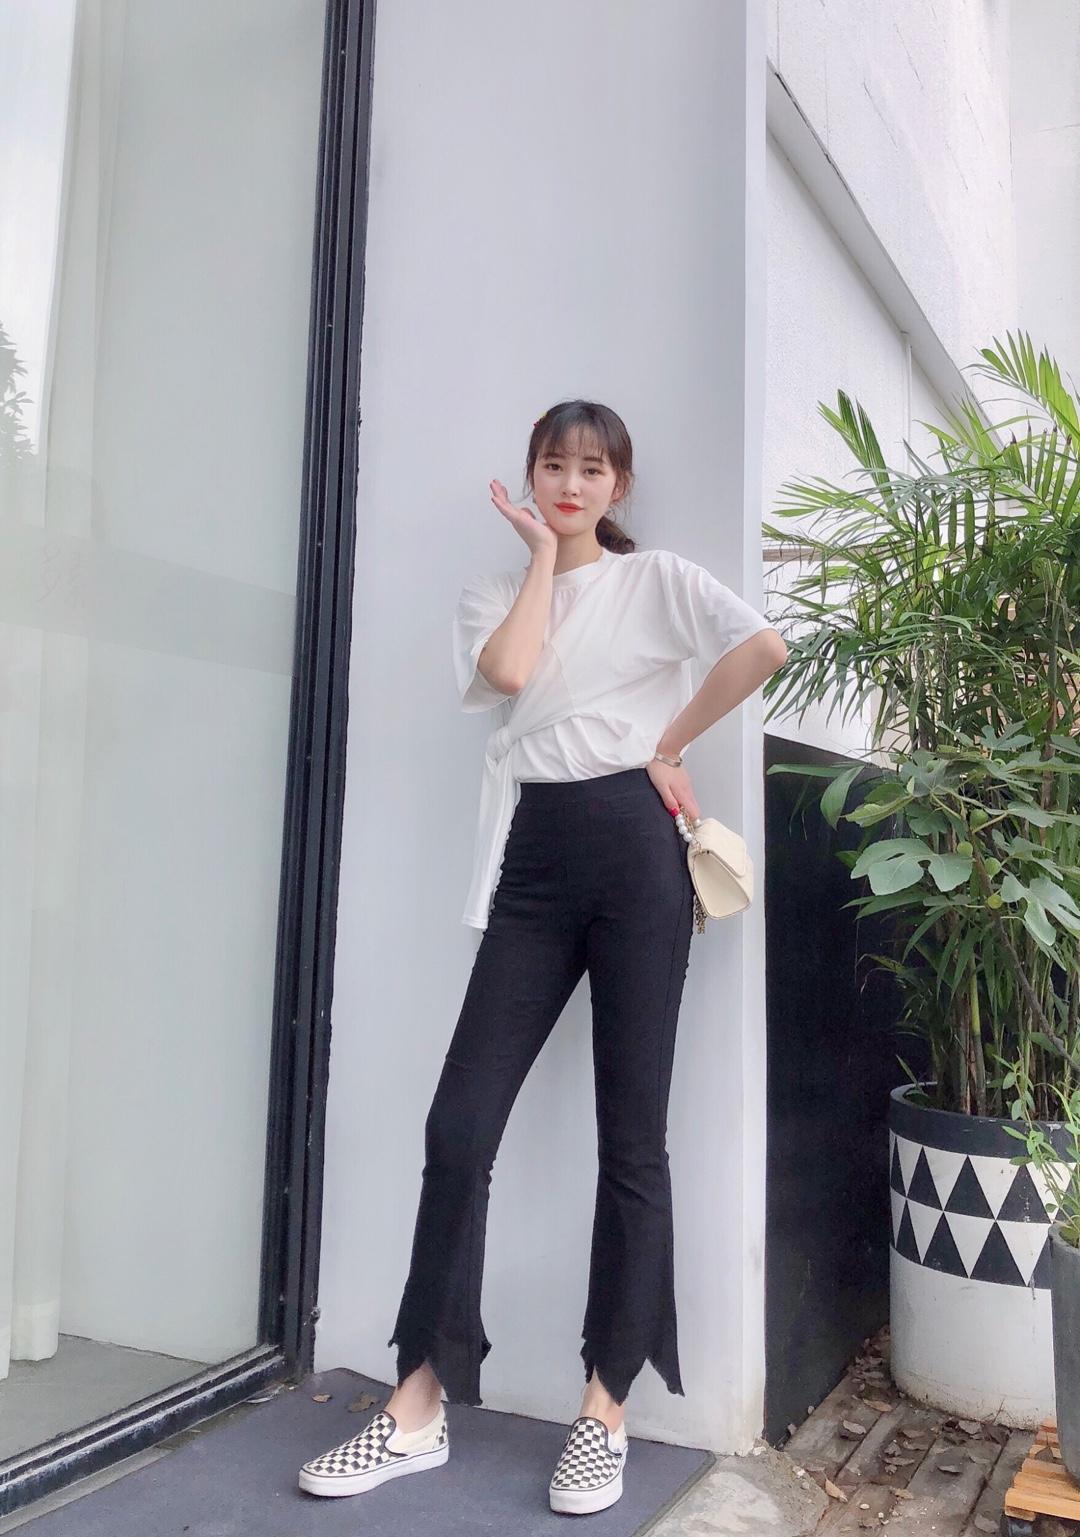 #日常时髦经:舒服最重要!# T恤➕高腰裤,衣服裤子都很有小心机,简单大方又蛮时髦的,黑白色调进店搭配,怎么看都不会腻